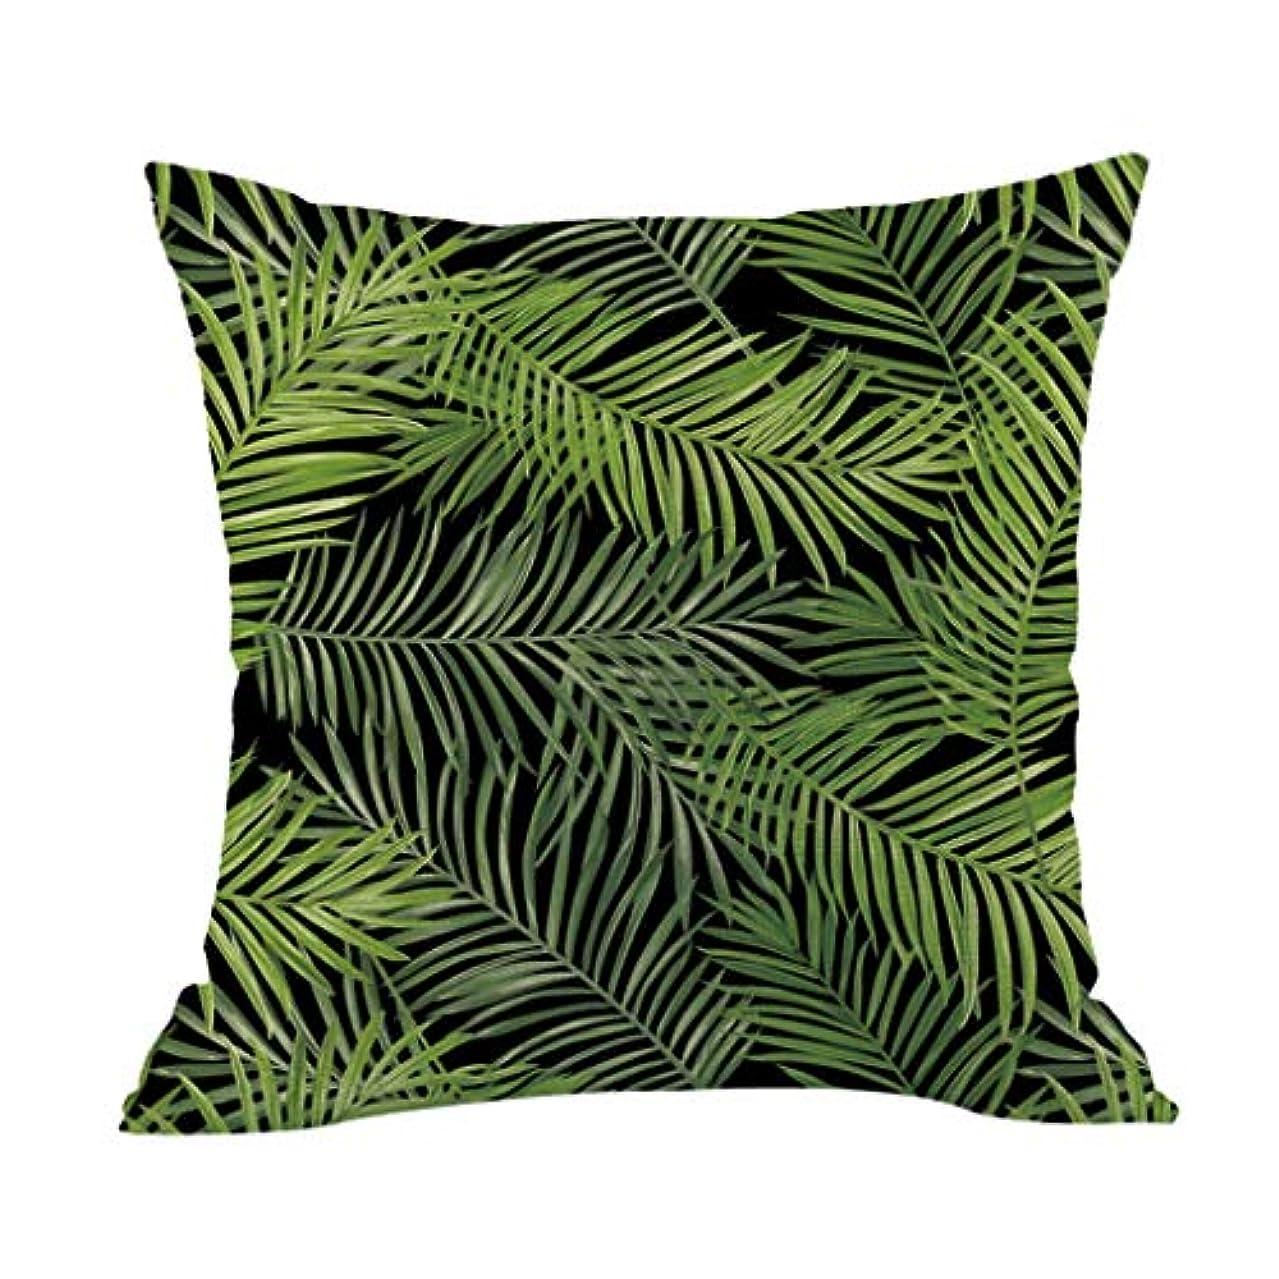 ほのめかす起業家前兆LIFE 高品質クッション熱帯植物ポリエステル枕ソファ投げるパッドセットホーム人格クッション coussin decoratif クッション 椅子